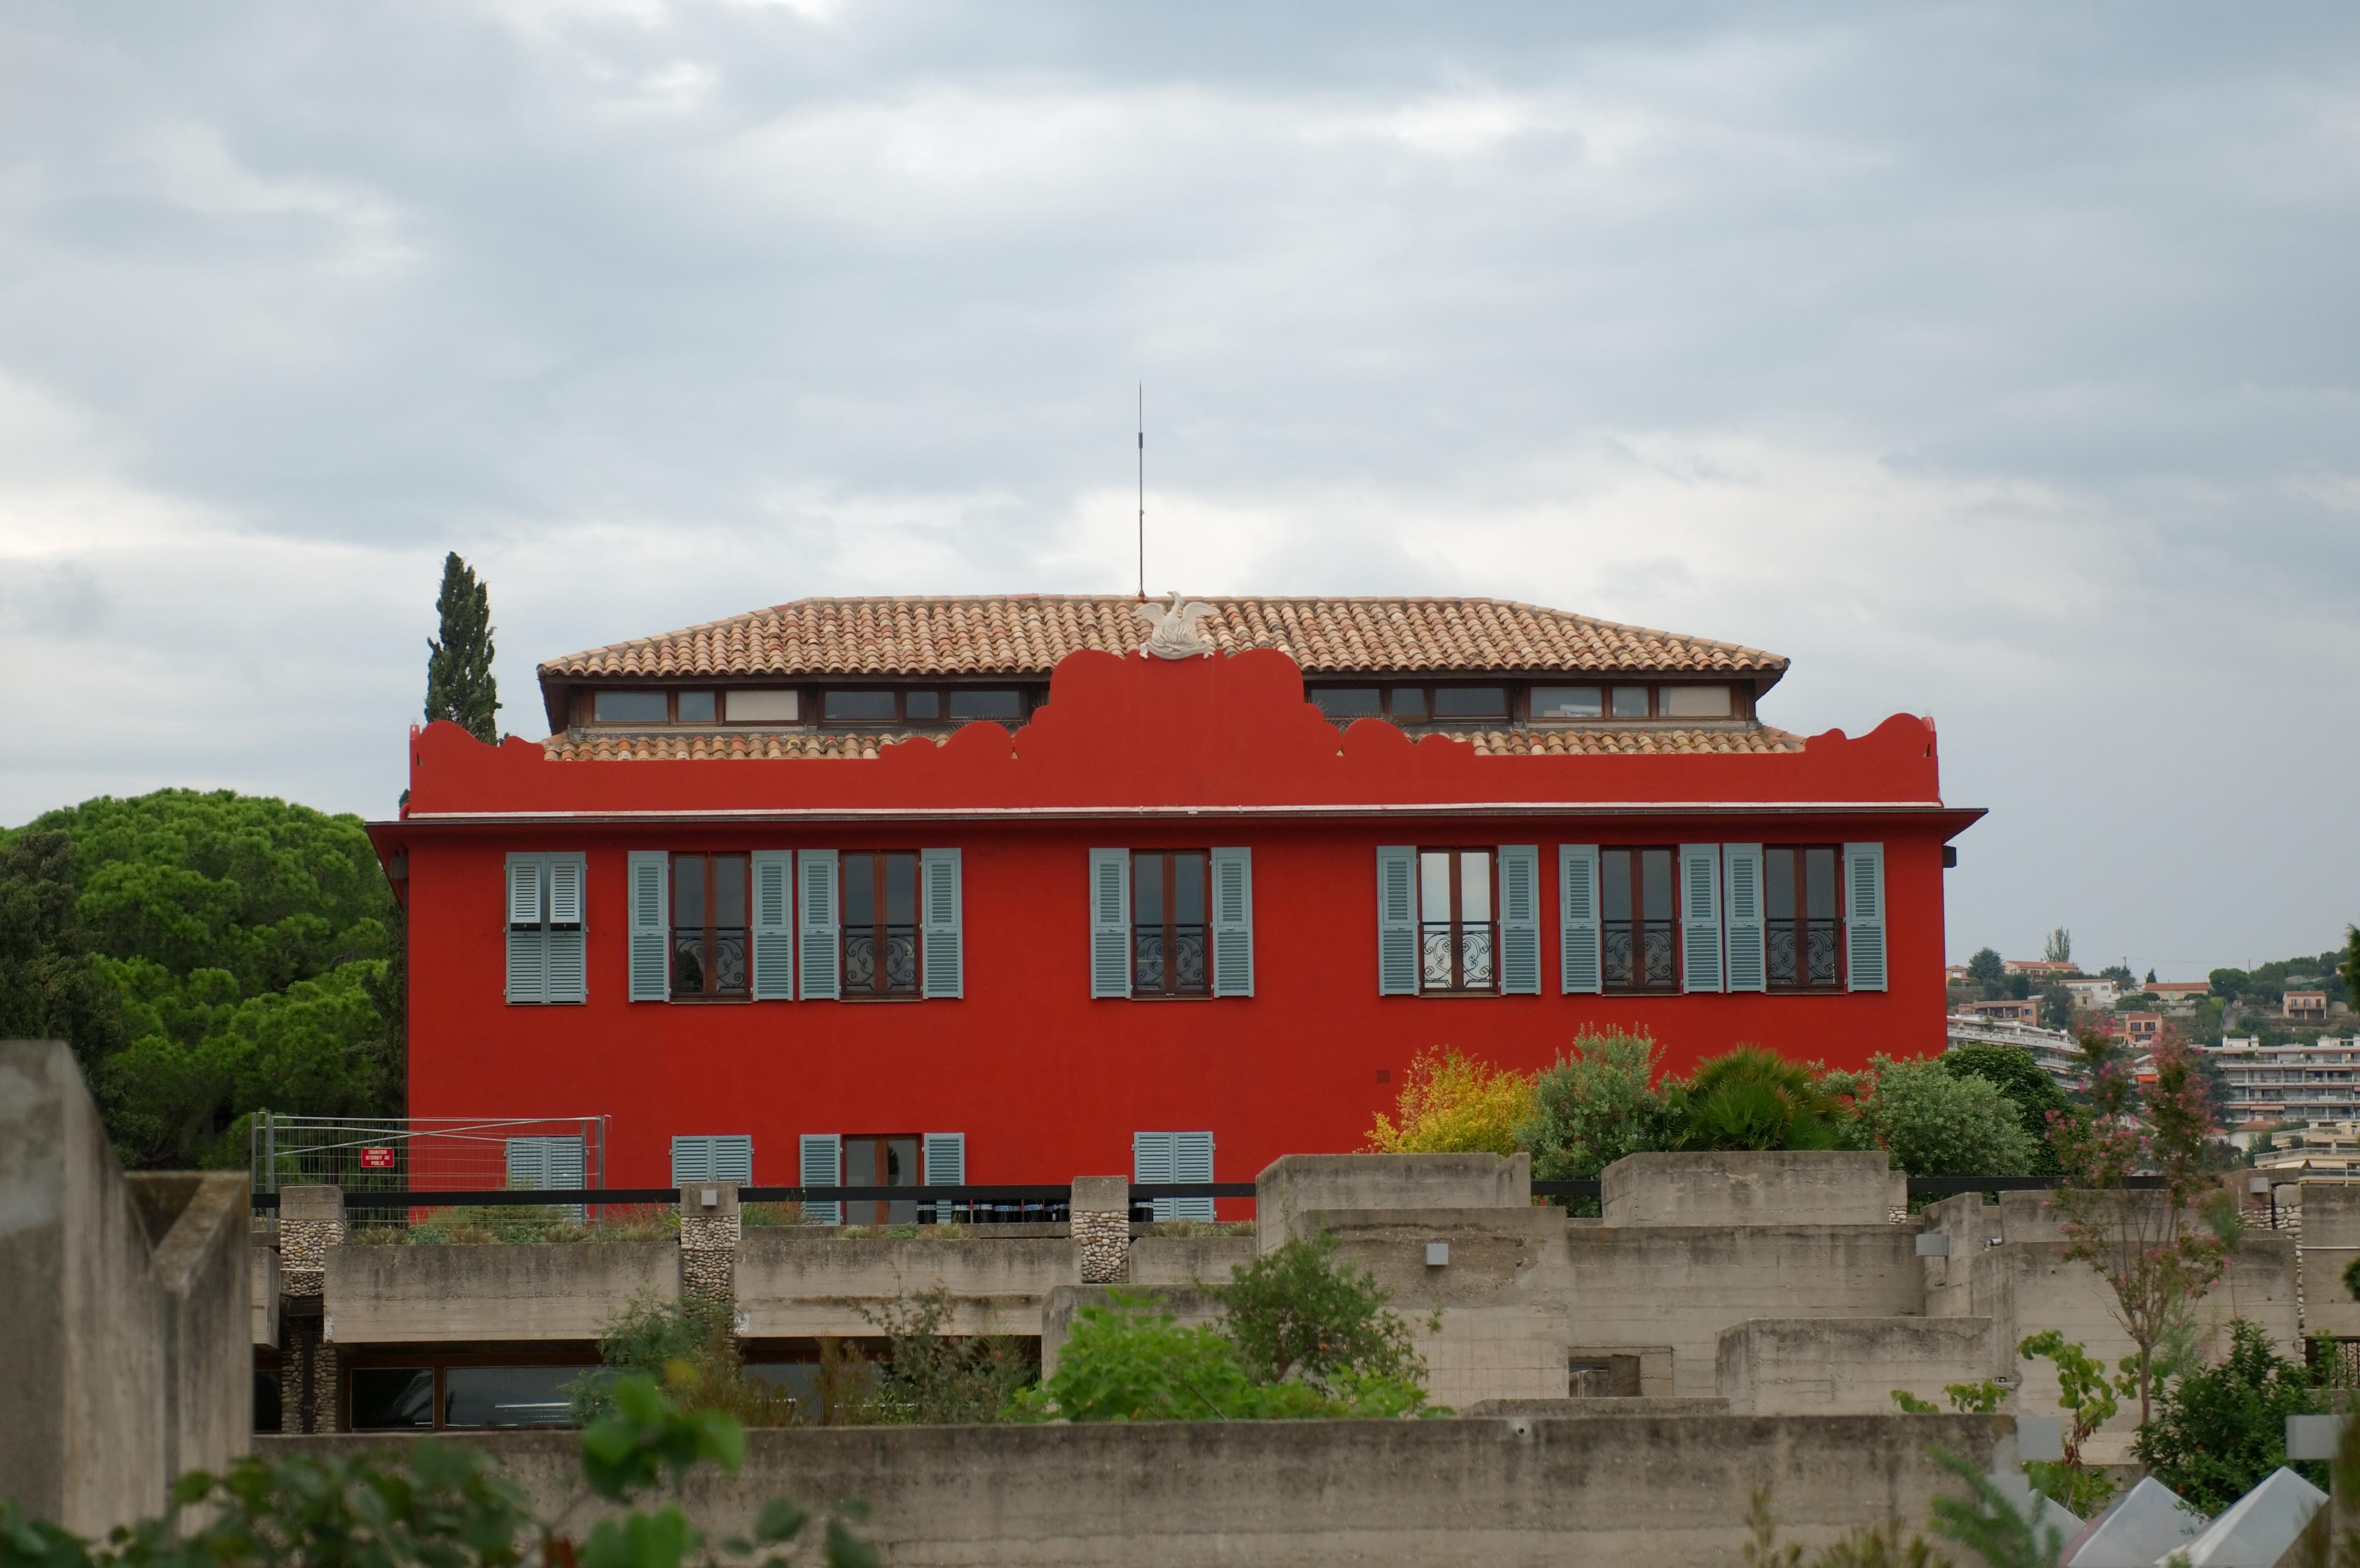 Ecole D Architecture D Interieur Nice villa arson — wikipédia